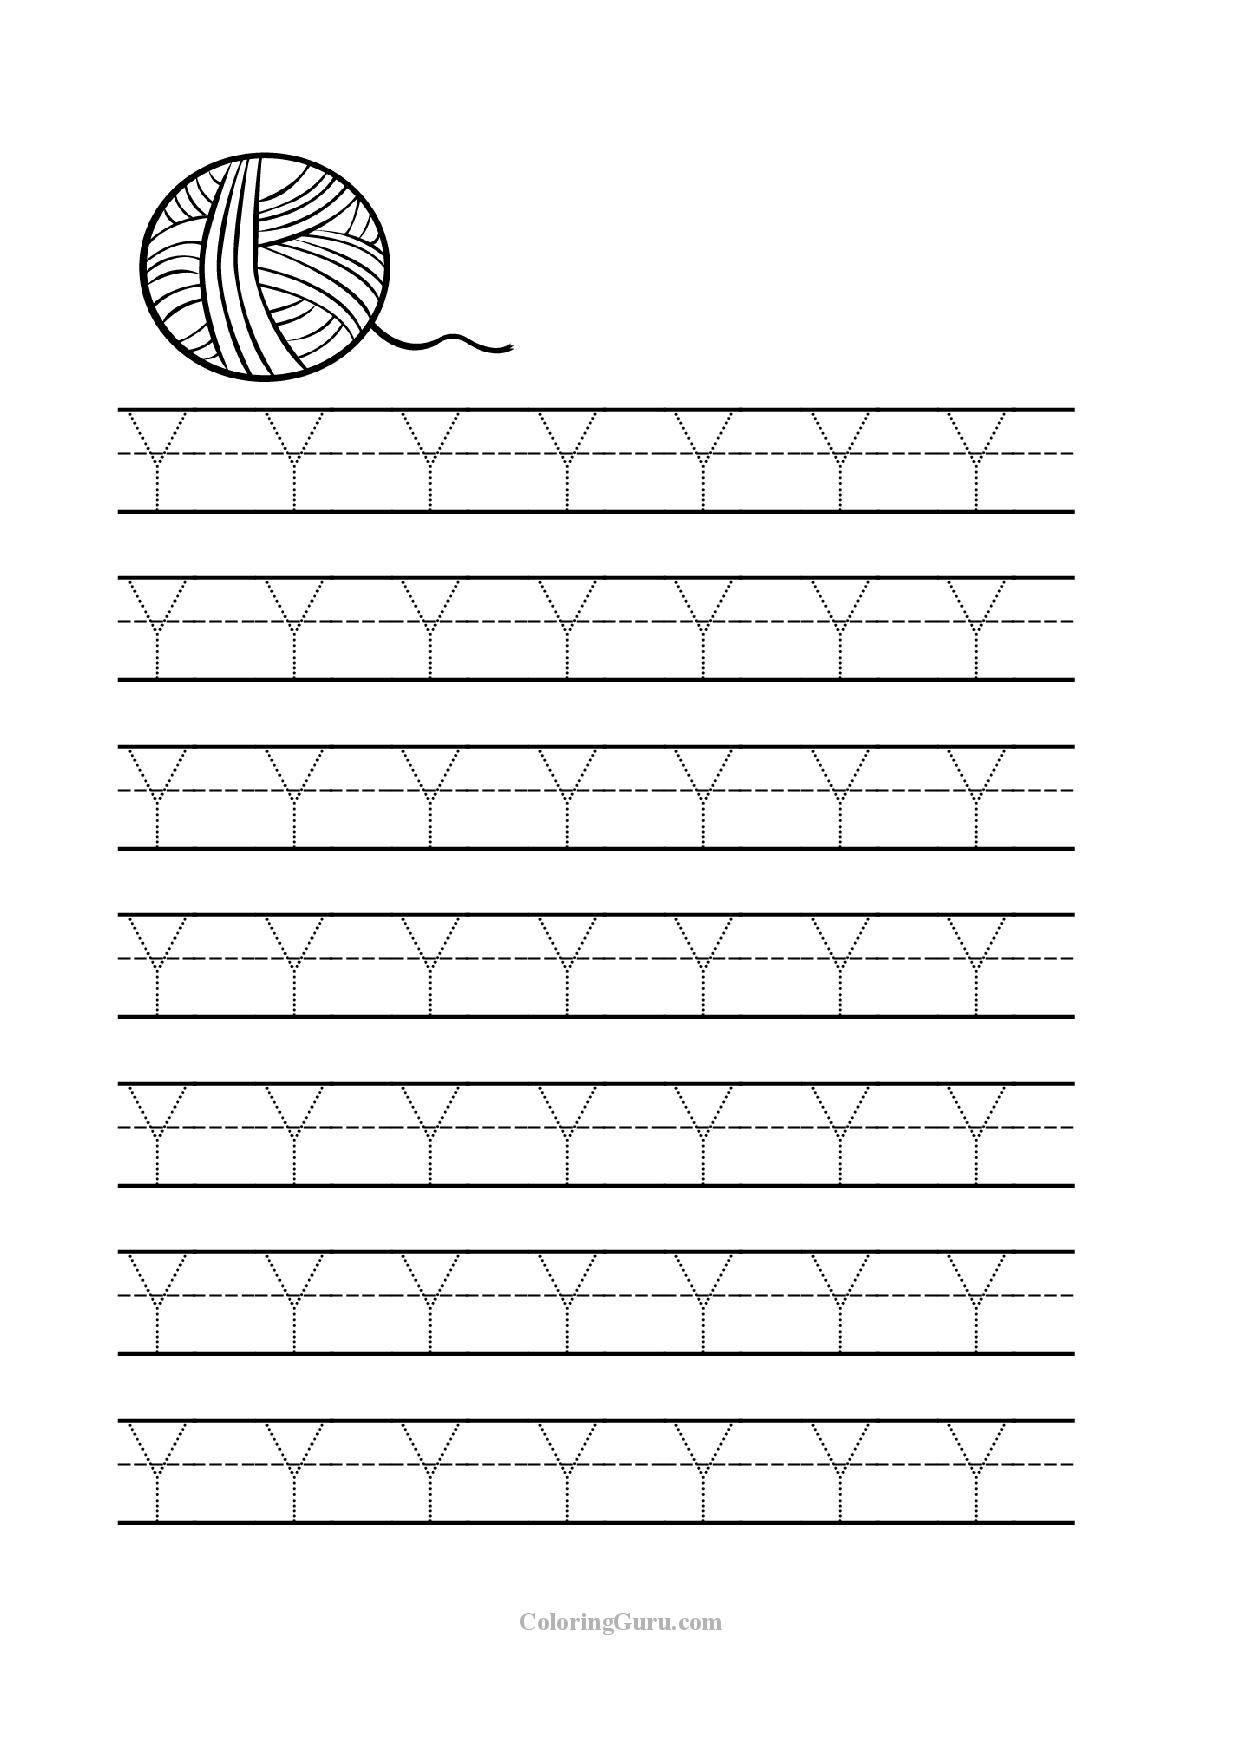 4 Alphabet Worksheets Homework Letter Y Worksheets Kindergarten Uppercase Letter Y In 2020 Letter Y Worksheets Alphabet Worksheets Kindergarten Worksheets